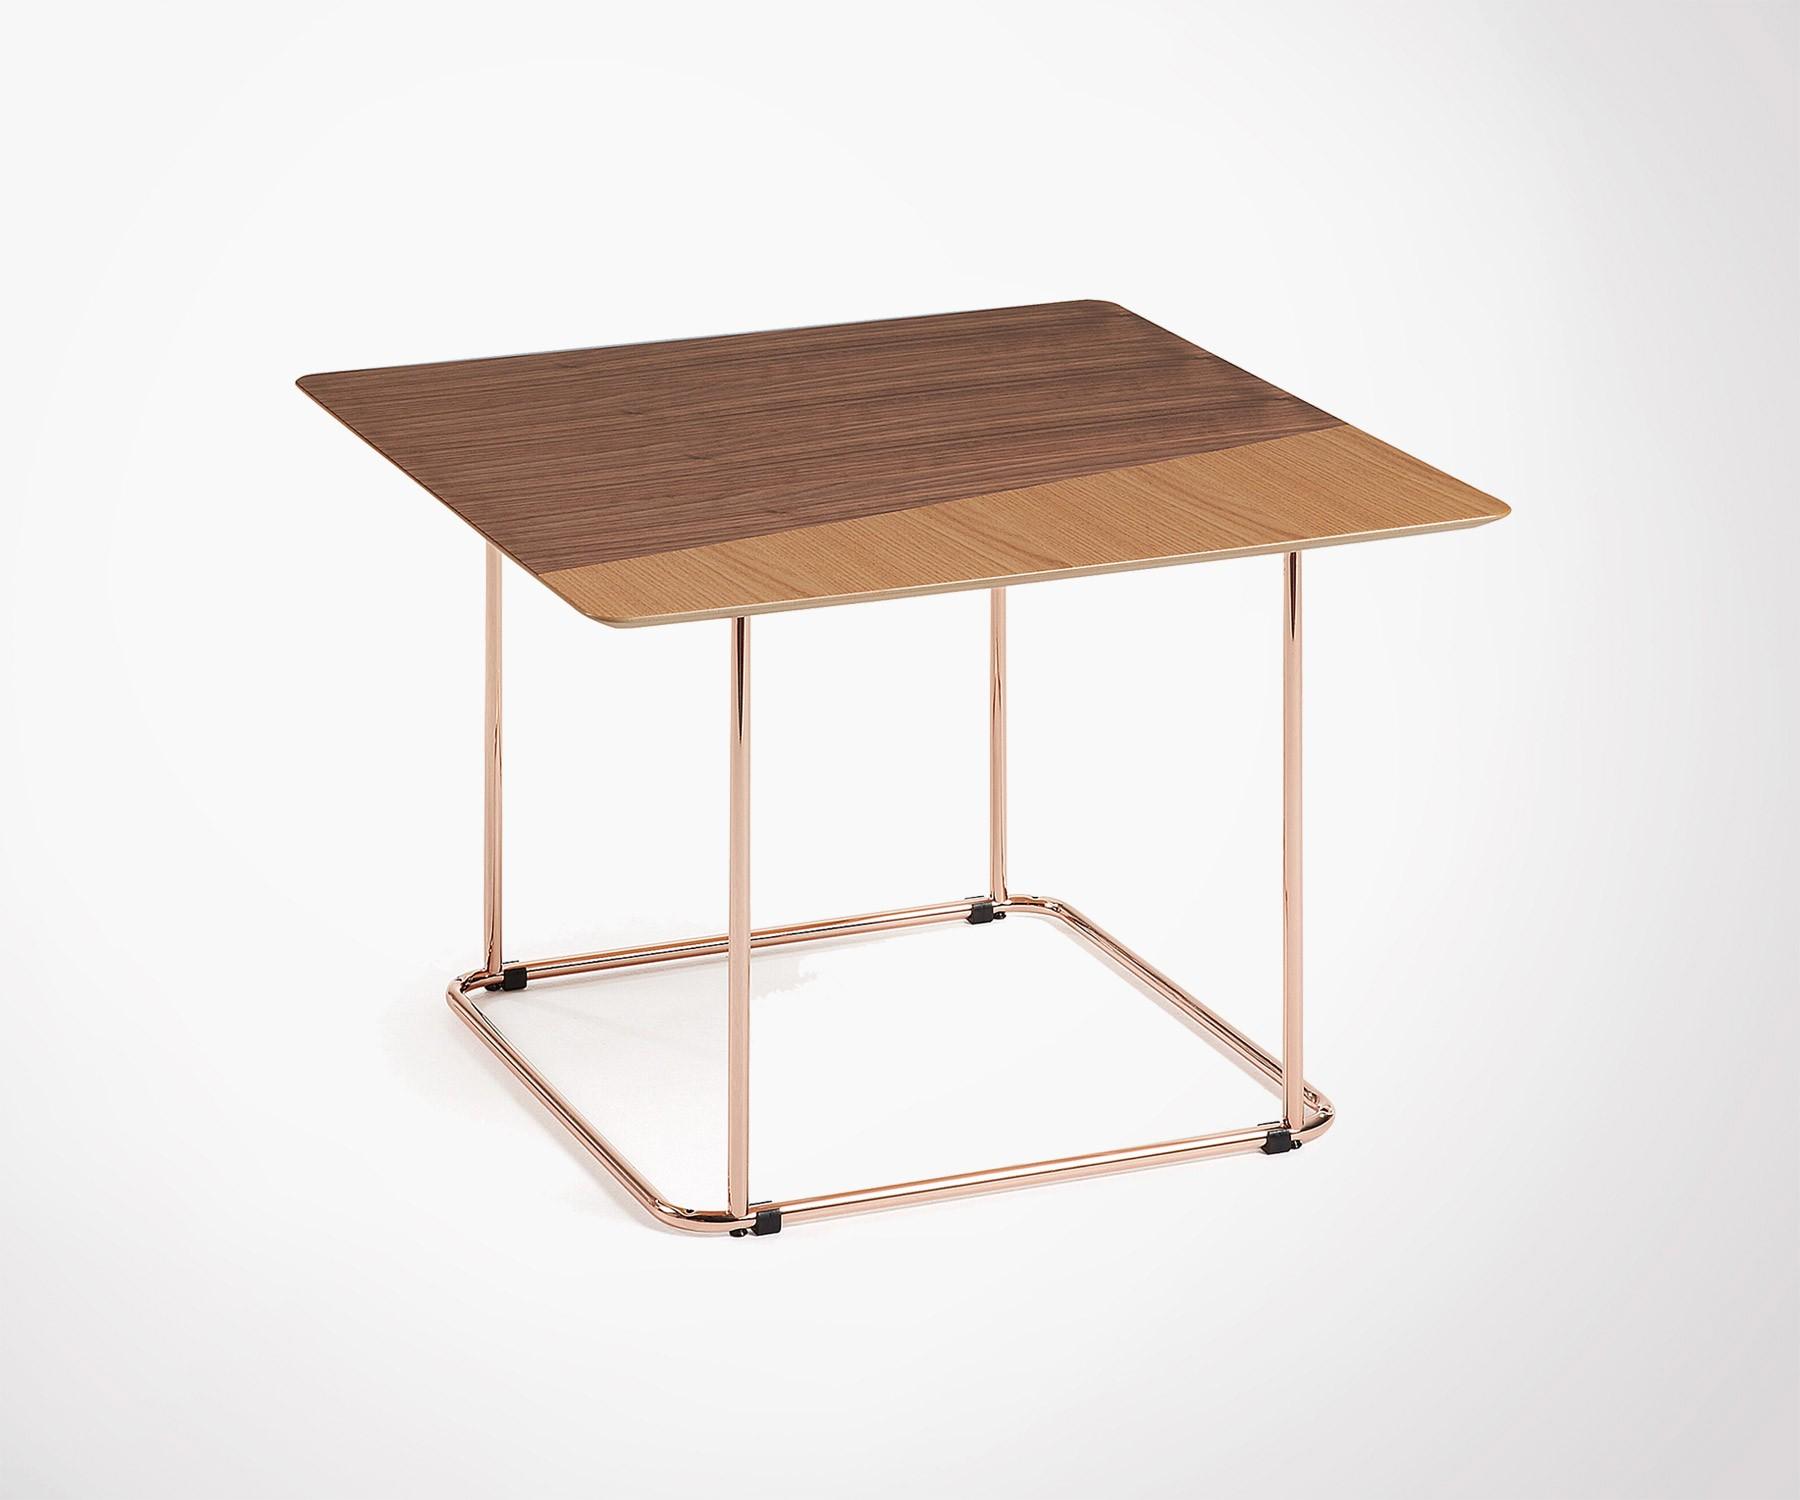 Table Basse Ronde Art Deco designer table basse ronde cuivre noir table d/'appoint